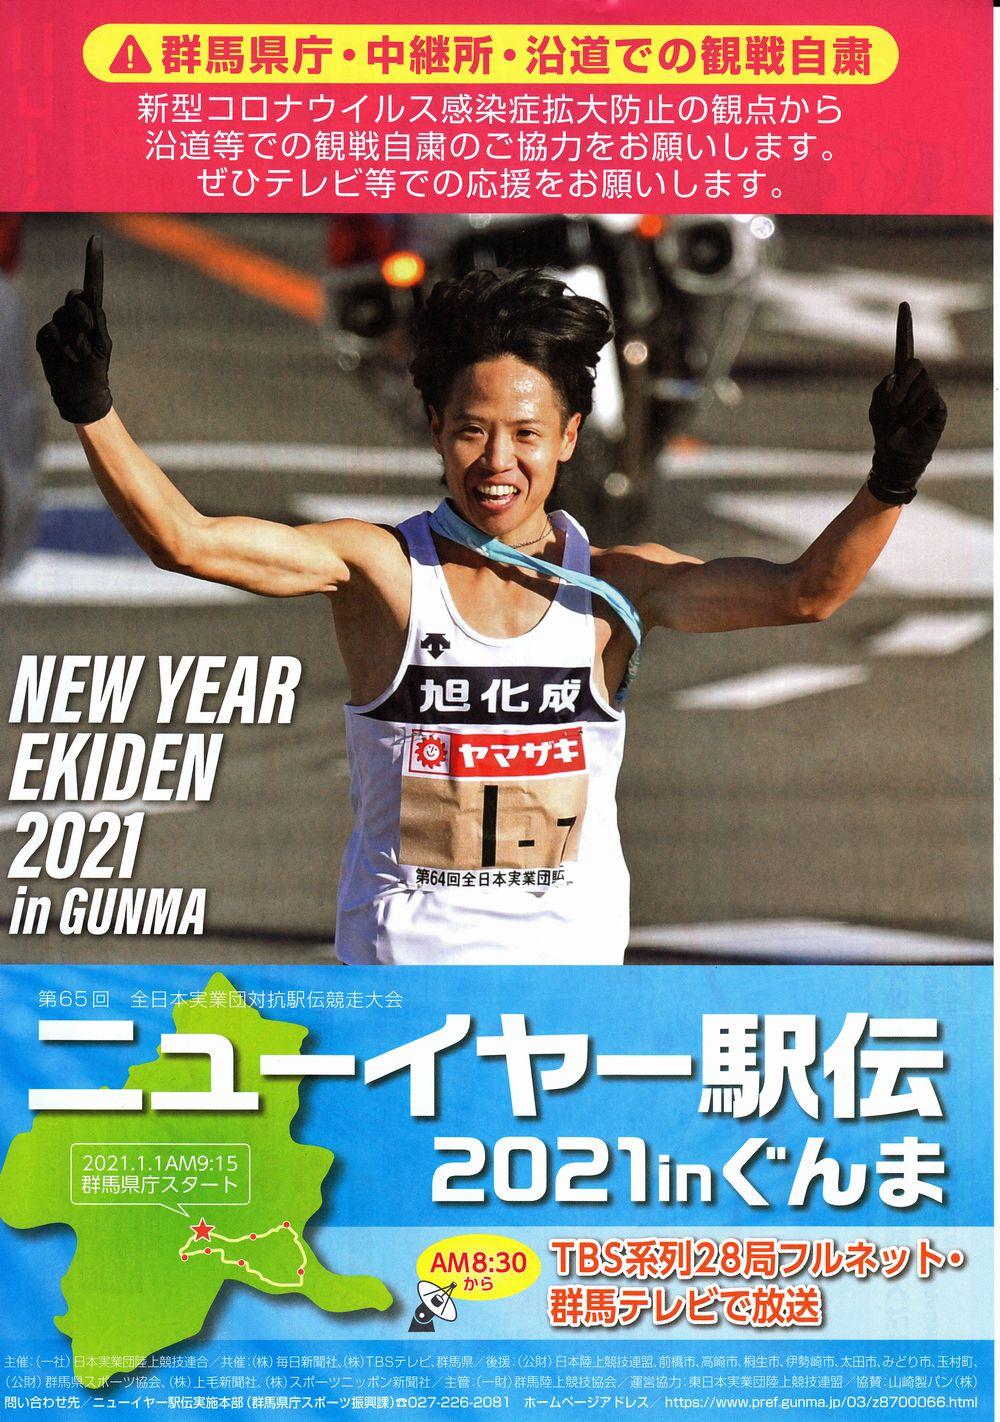 団 2020 実業 駅伝